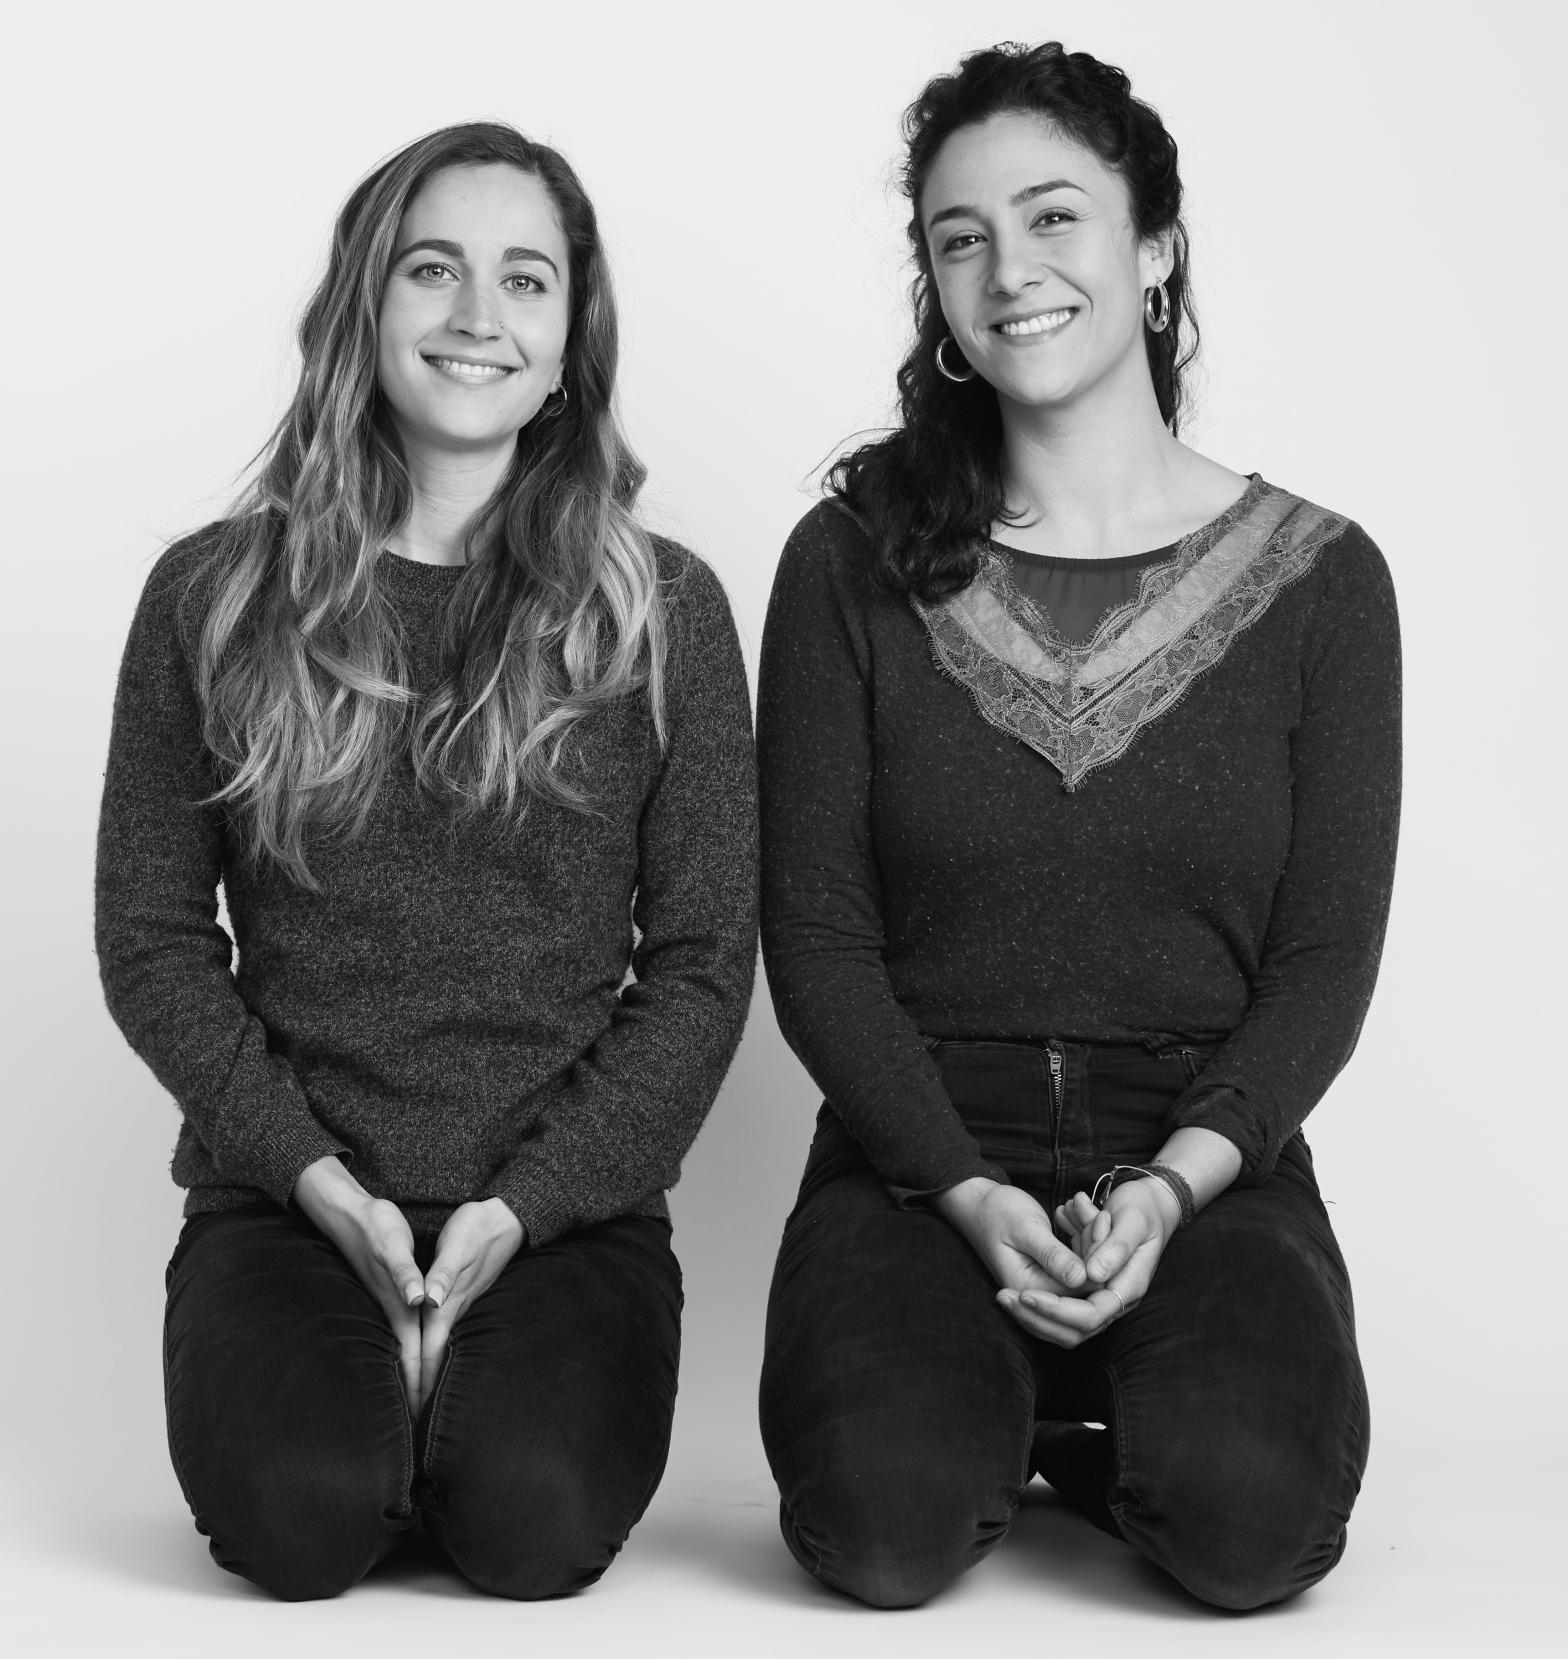 Jeanne (à gauche) et Zineb (à droite) © Sebastien Dolidon